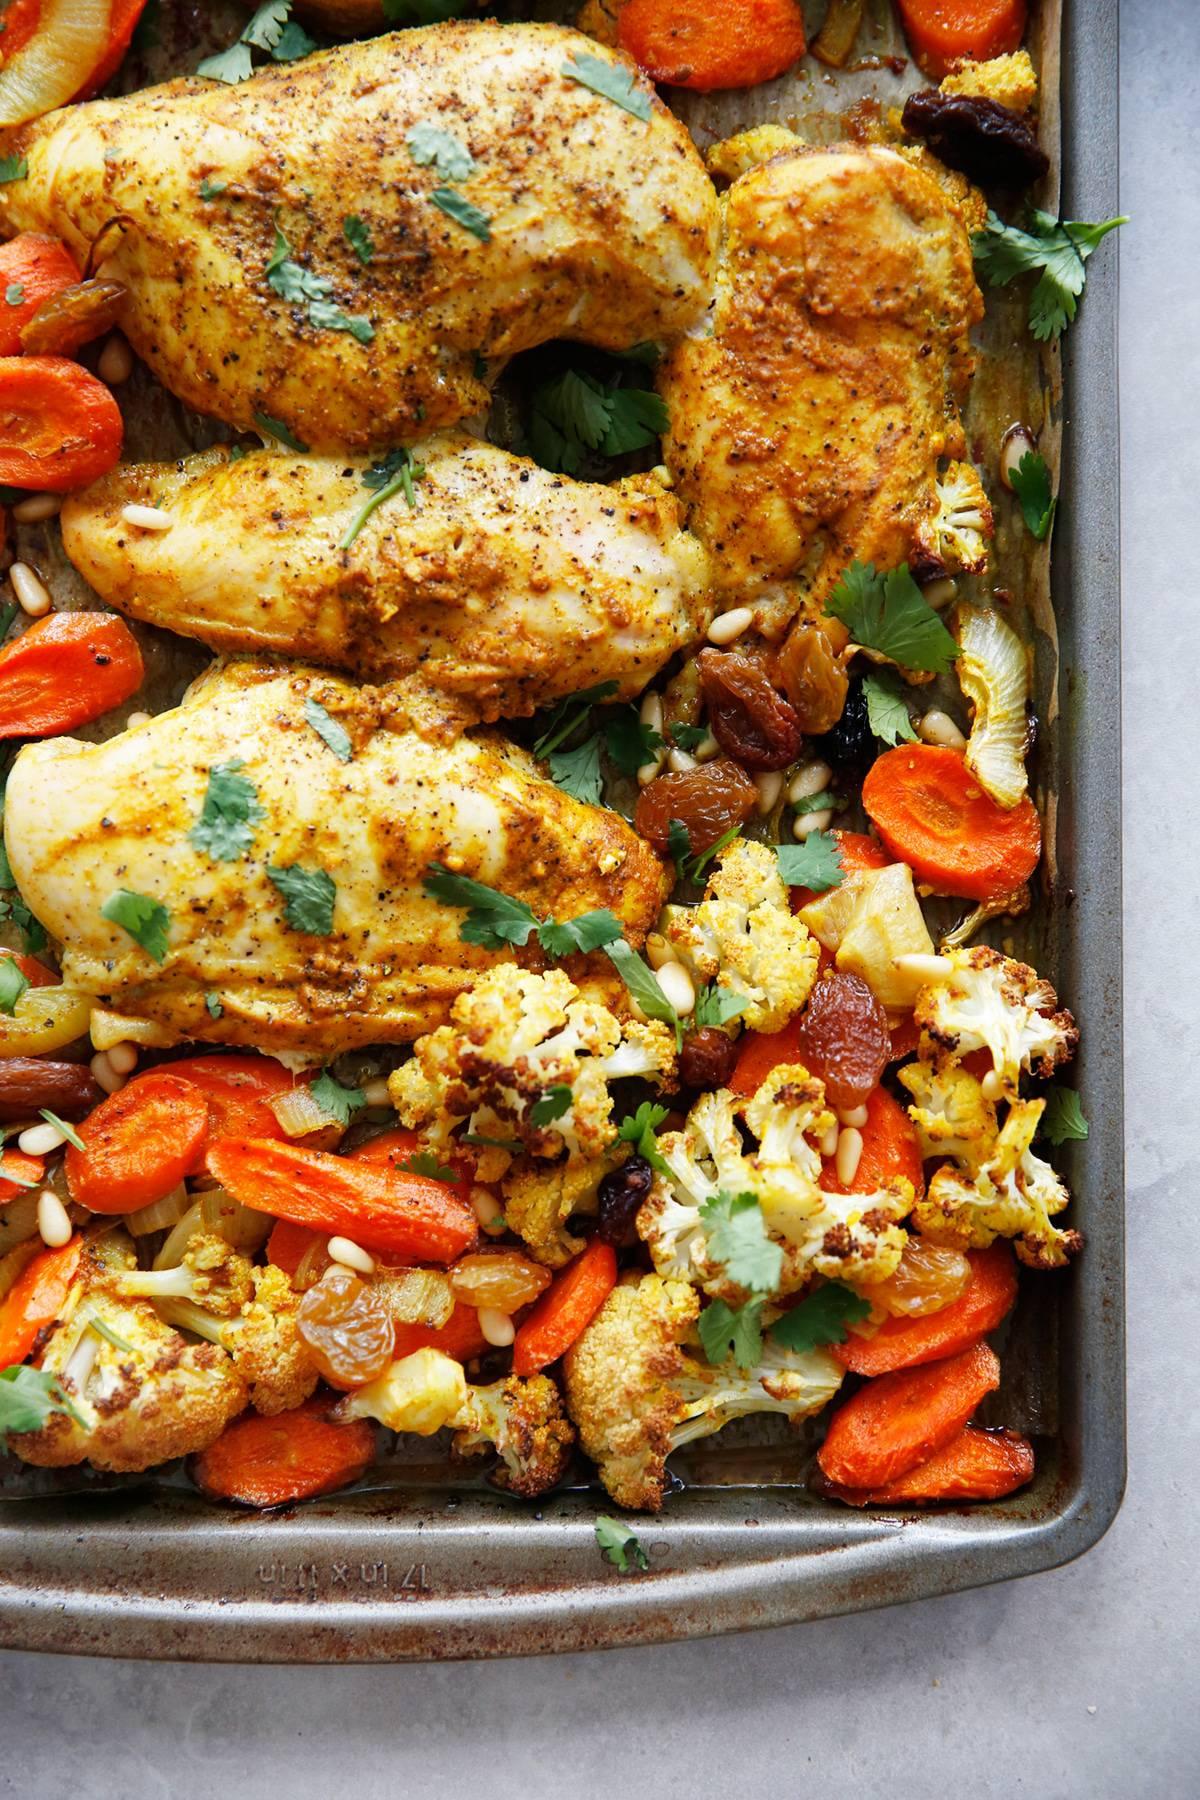 Sheet pan curry chicken.